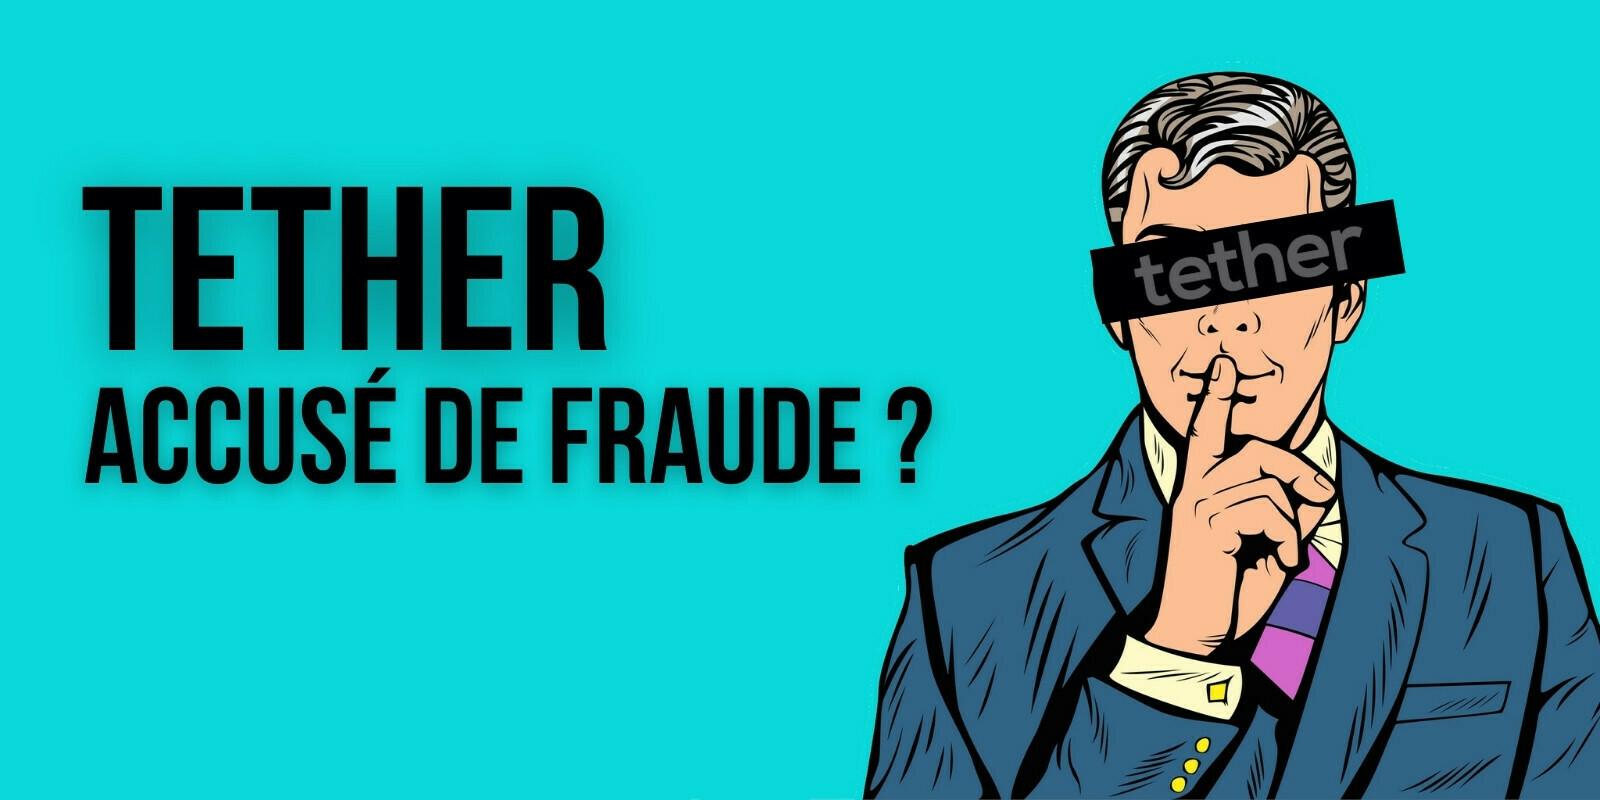 Les cadres de Tether (USDT) accusés de fraude bancaire par la justice américaine?